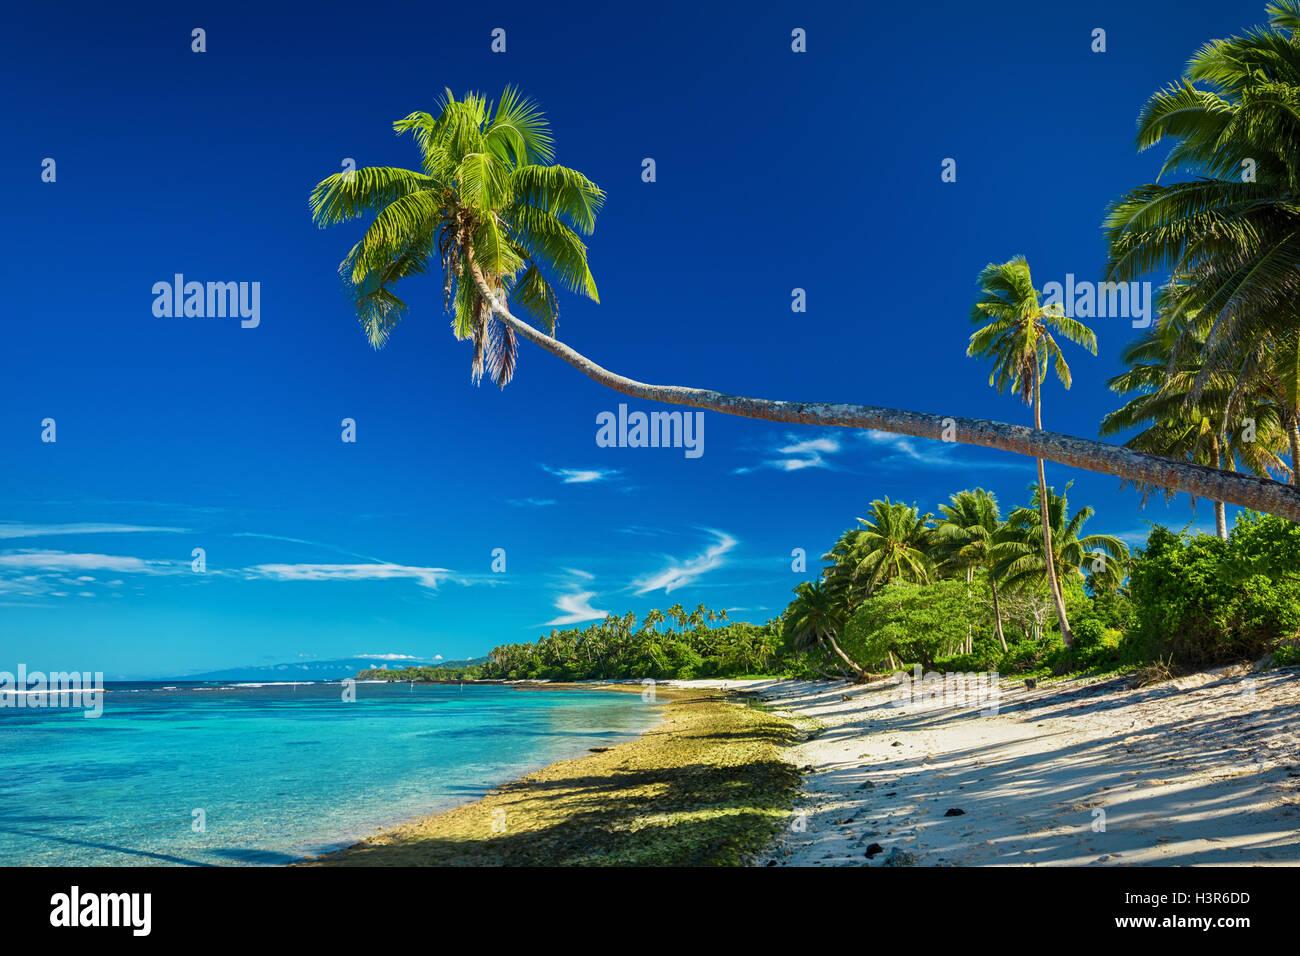 Tropical Beach sur le côté sud de l'île Samoa avec de nombreux palmiers Photo Stock